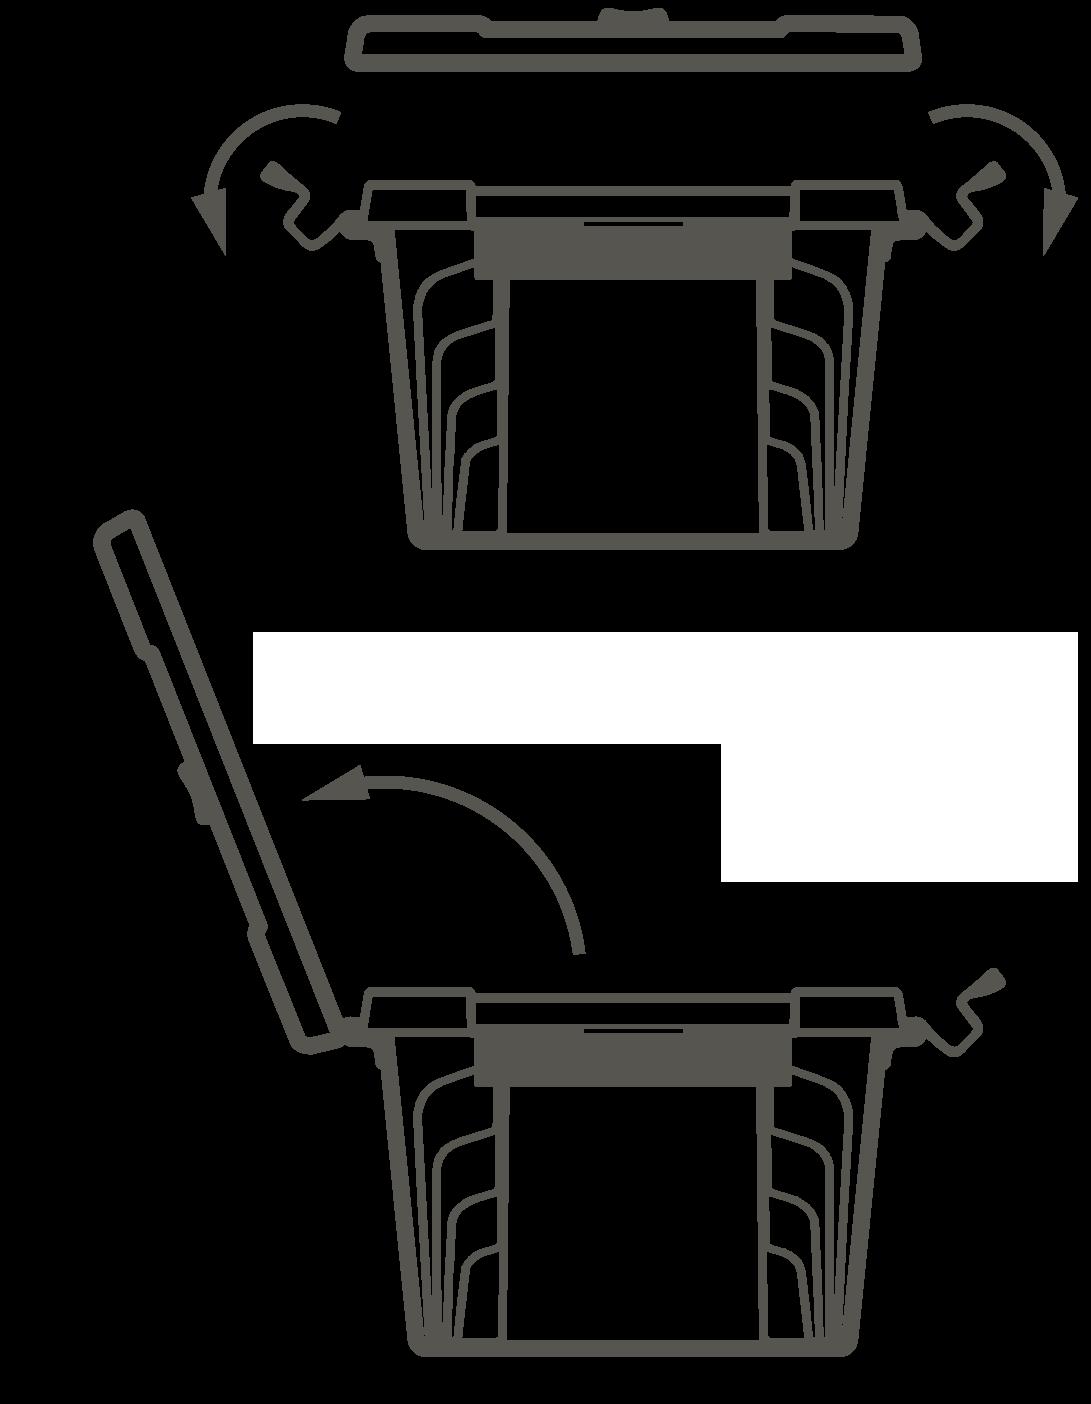 Схема открывания ящика